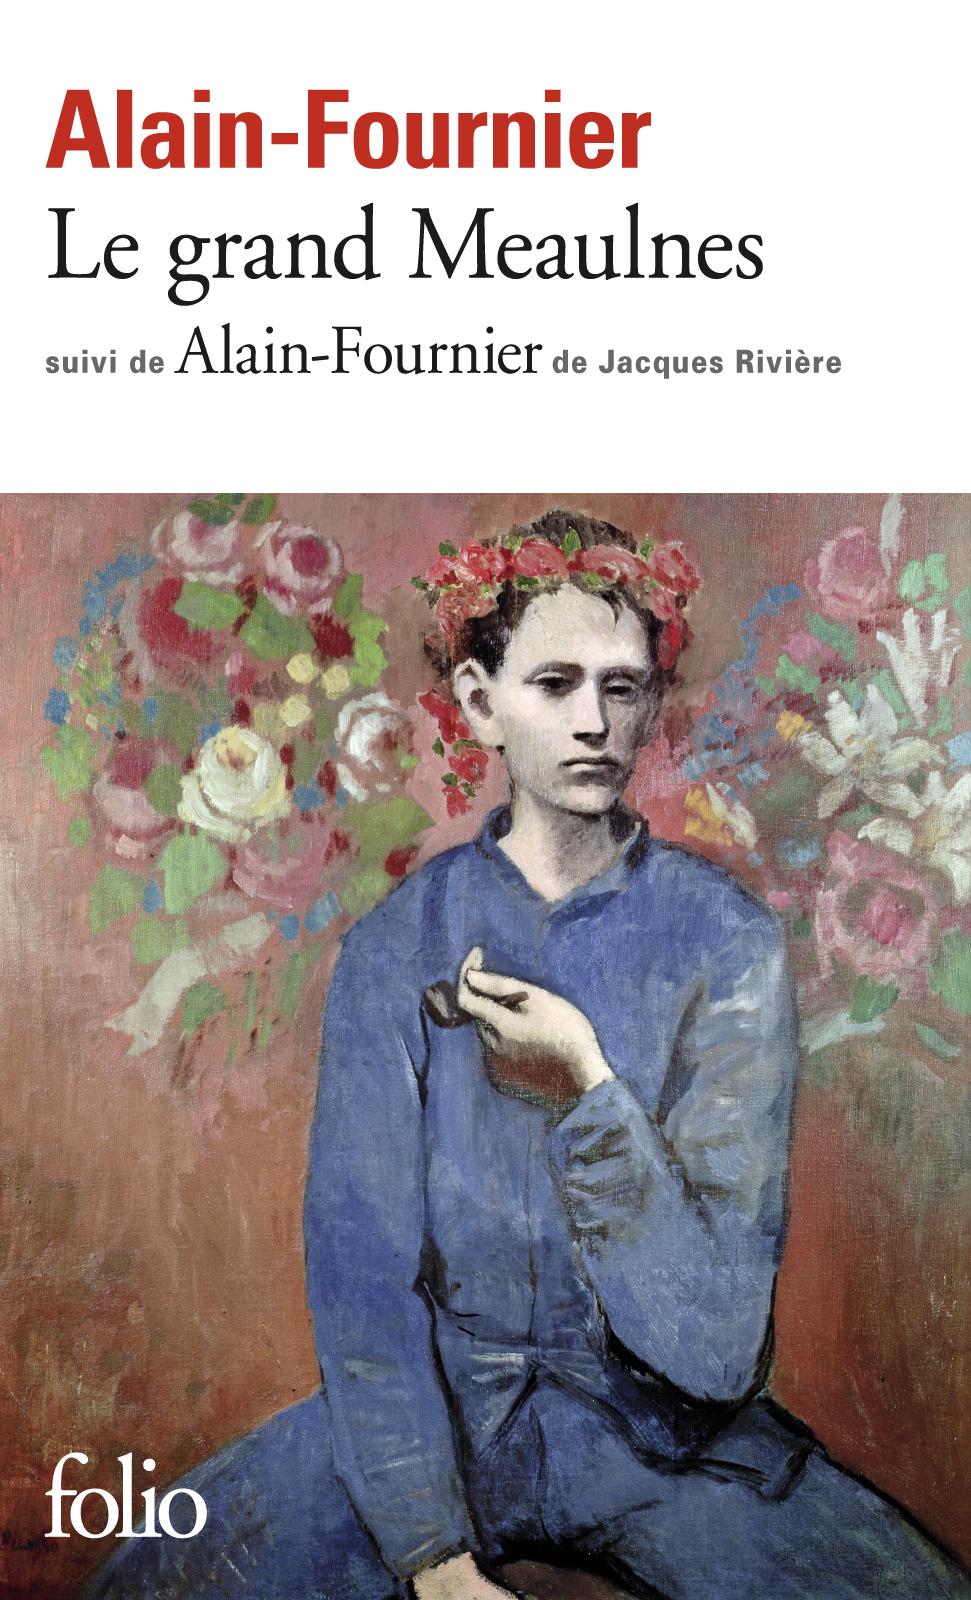 Couverture : Grand Meaulnes (Le) suivi de Alain-Fournier  Alain-fournier